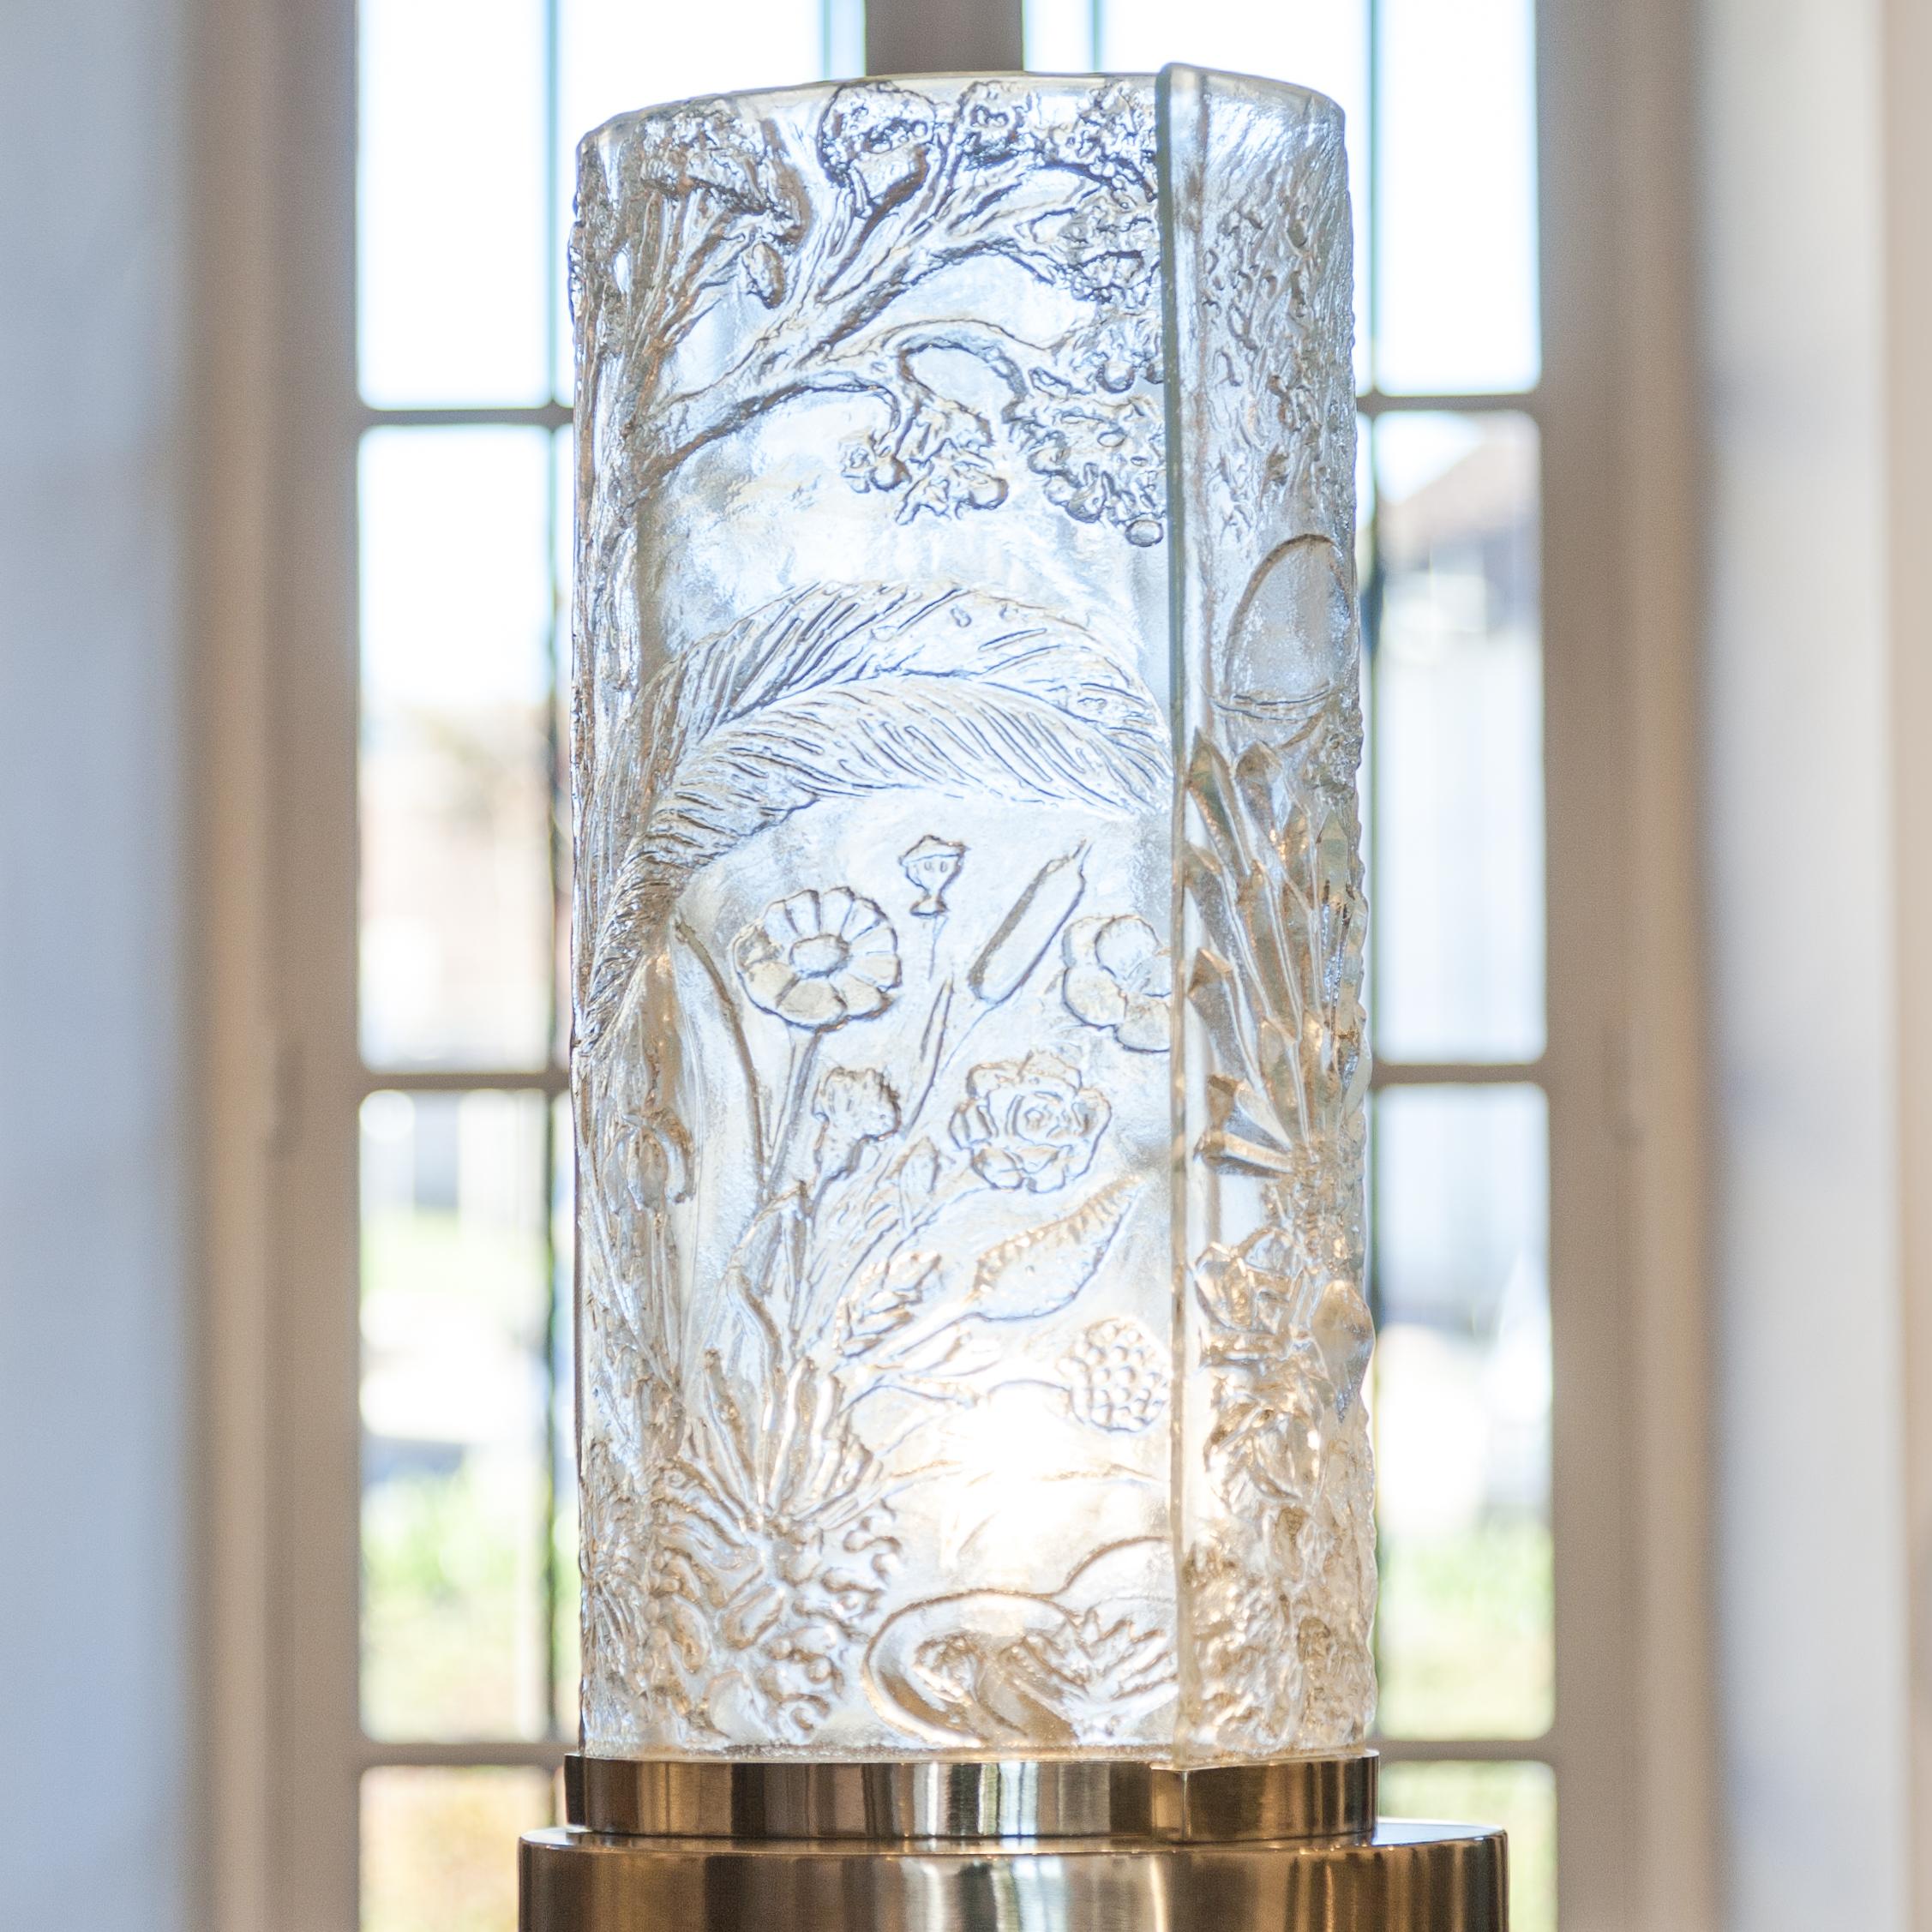 Lampe Trois règnes - Règne végétal - par Arthylé by Natacha MONDON & Eric PIERRE